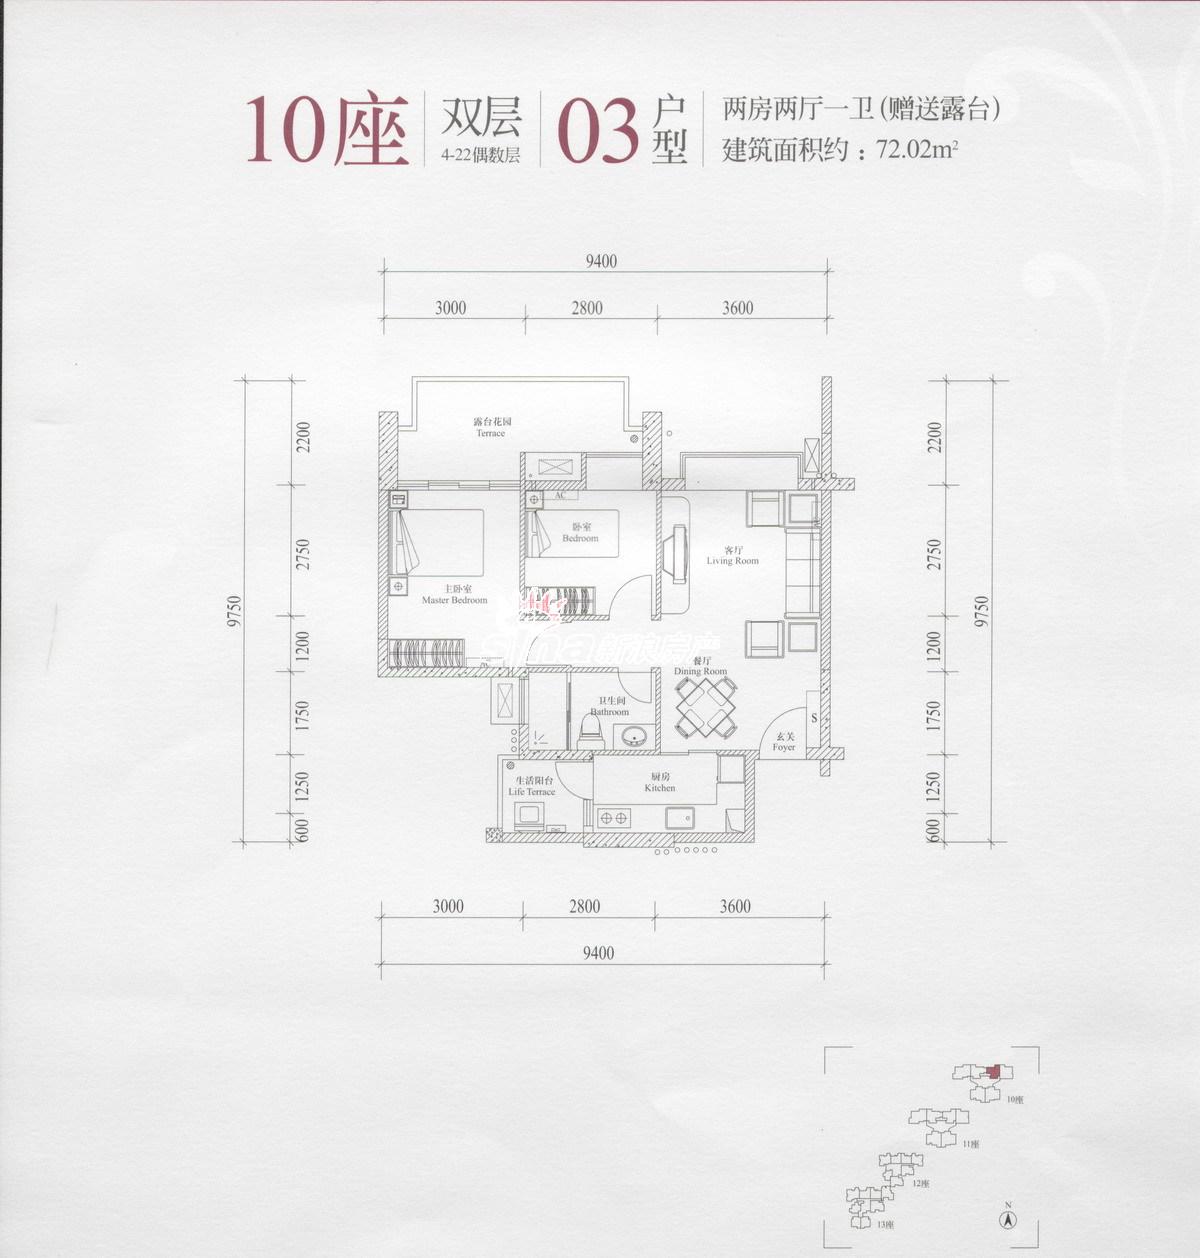 鼎太风华六期03户型洗手间与小房门对门 建筑和户型 高清图片